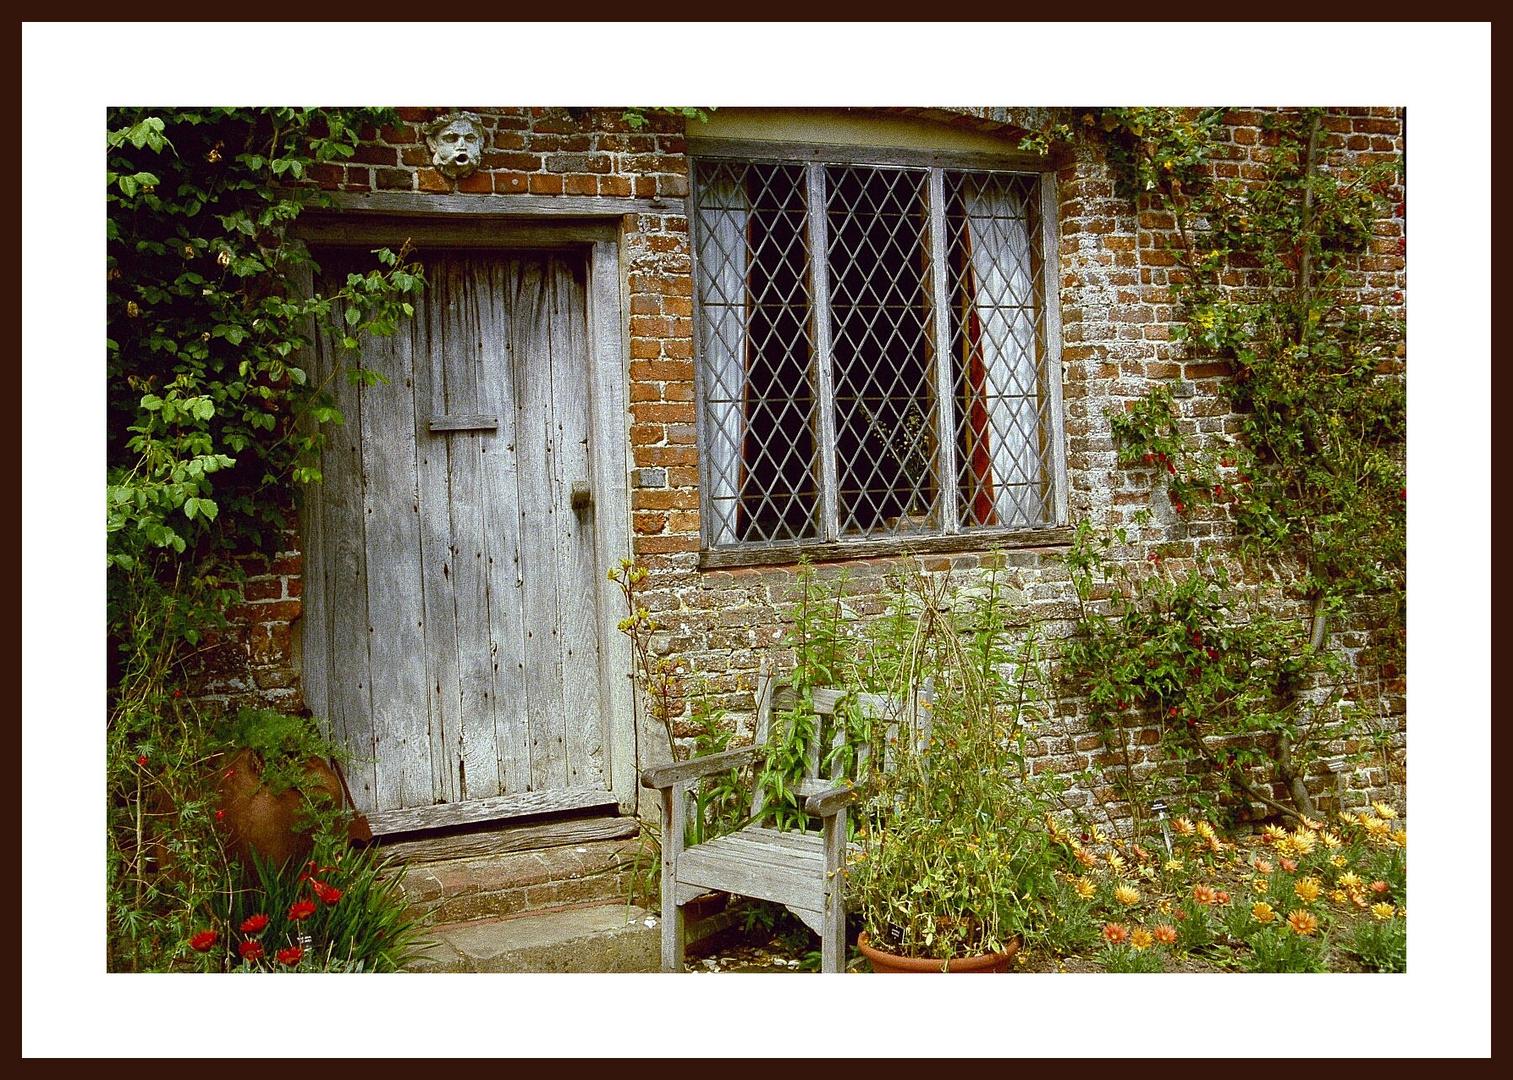 The Cottage Garden, Sissinghurst